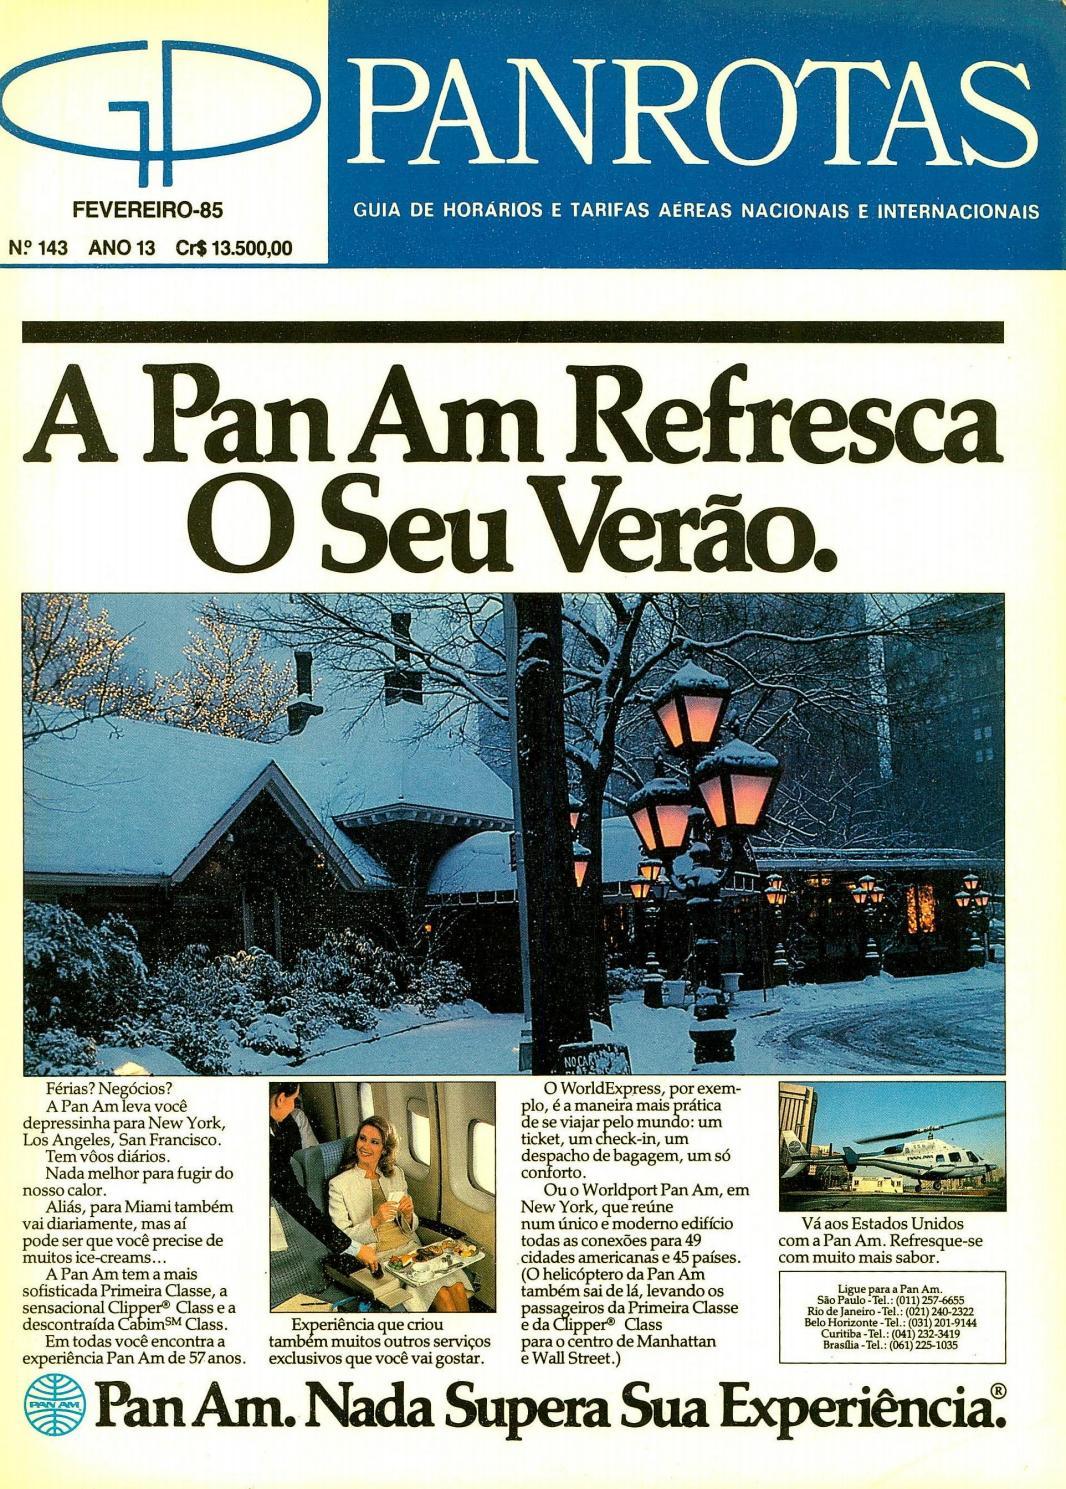 731d6cecf9c Guia PANROTAS - Edição 143 - Fevereiro 1985 by PANROTAS Editora - issuu